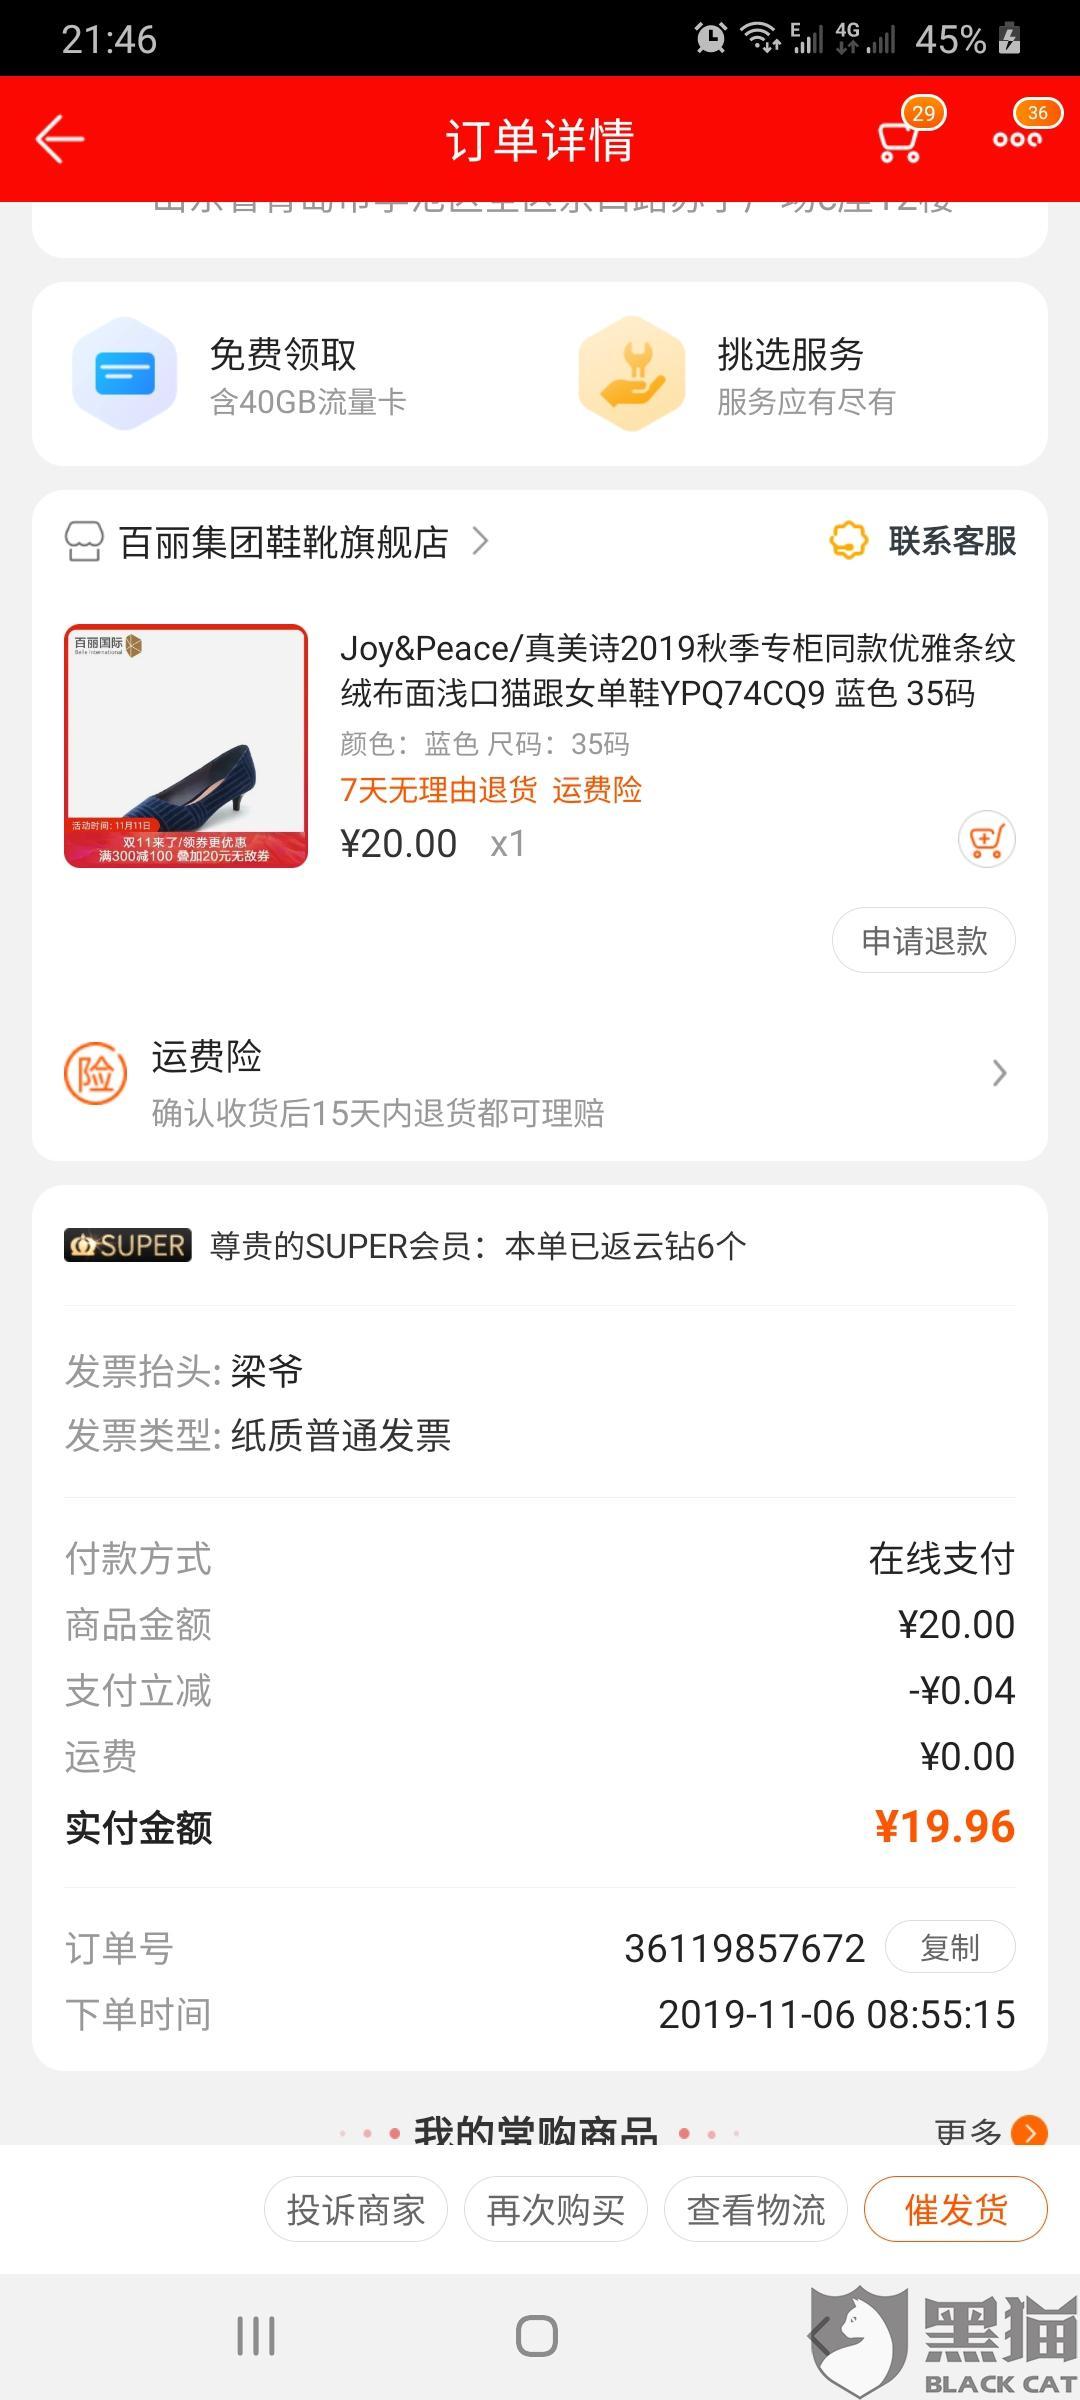 黑猫投诉:苏宁平台百丽国际不发货